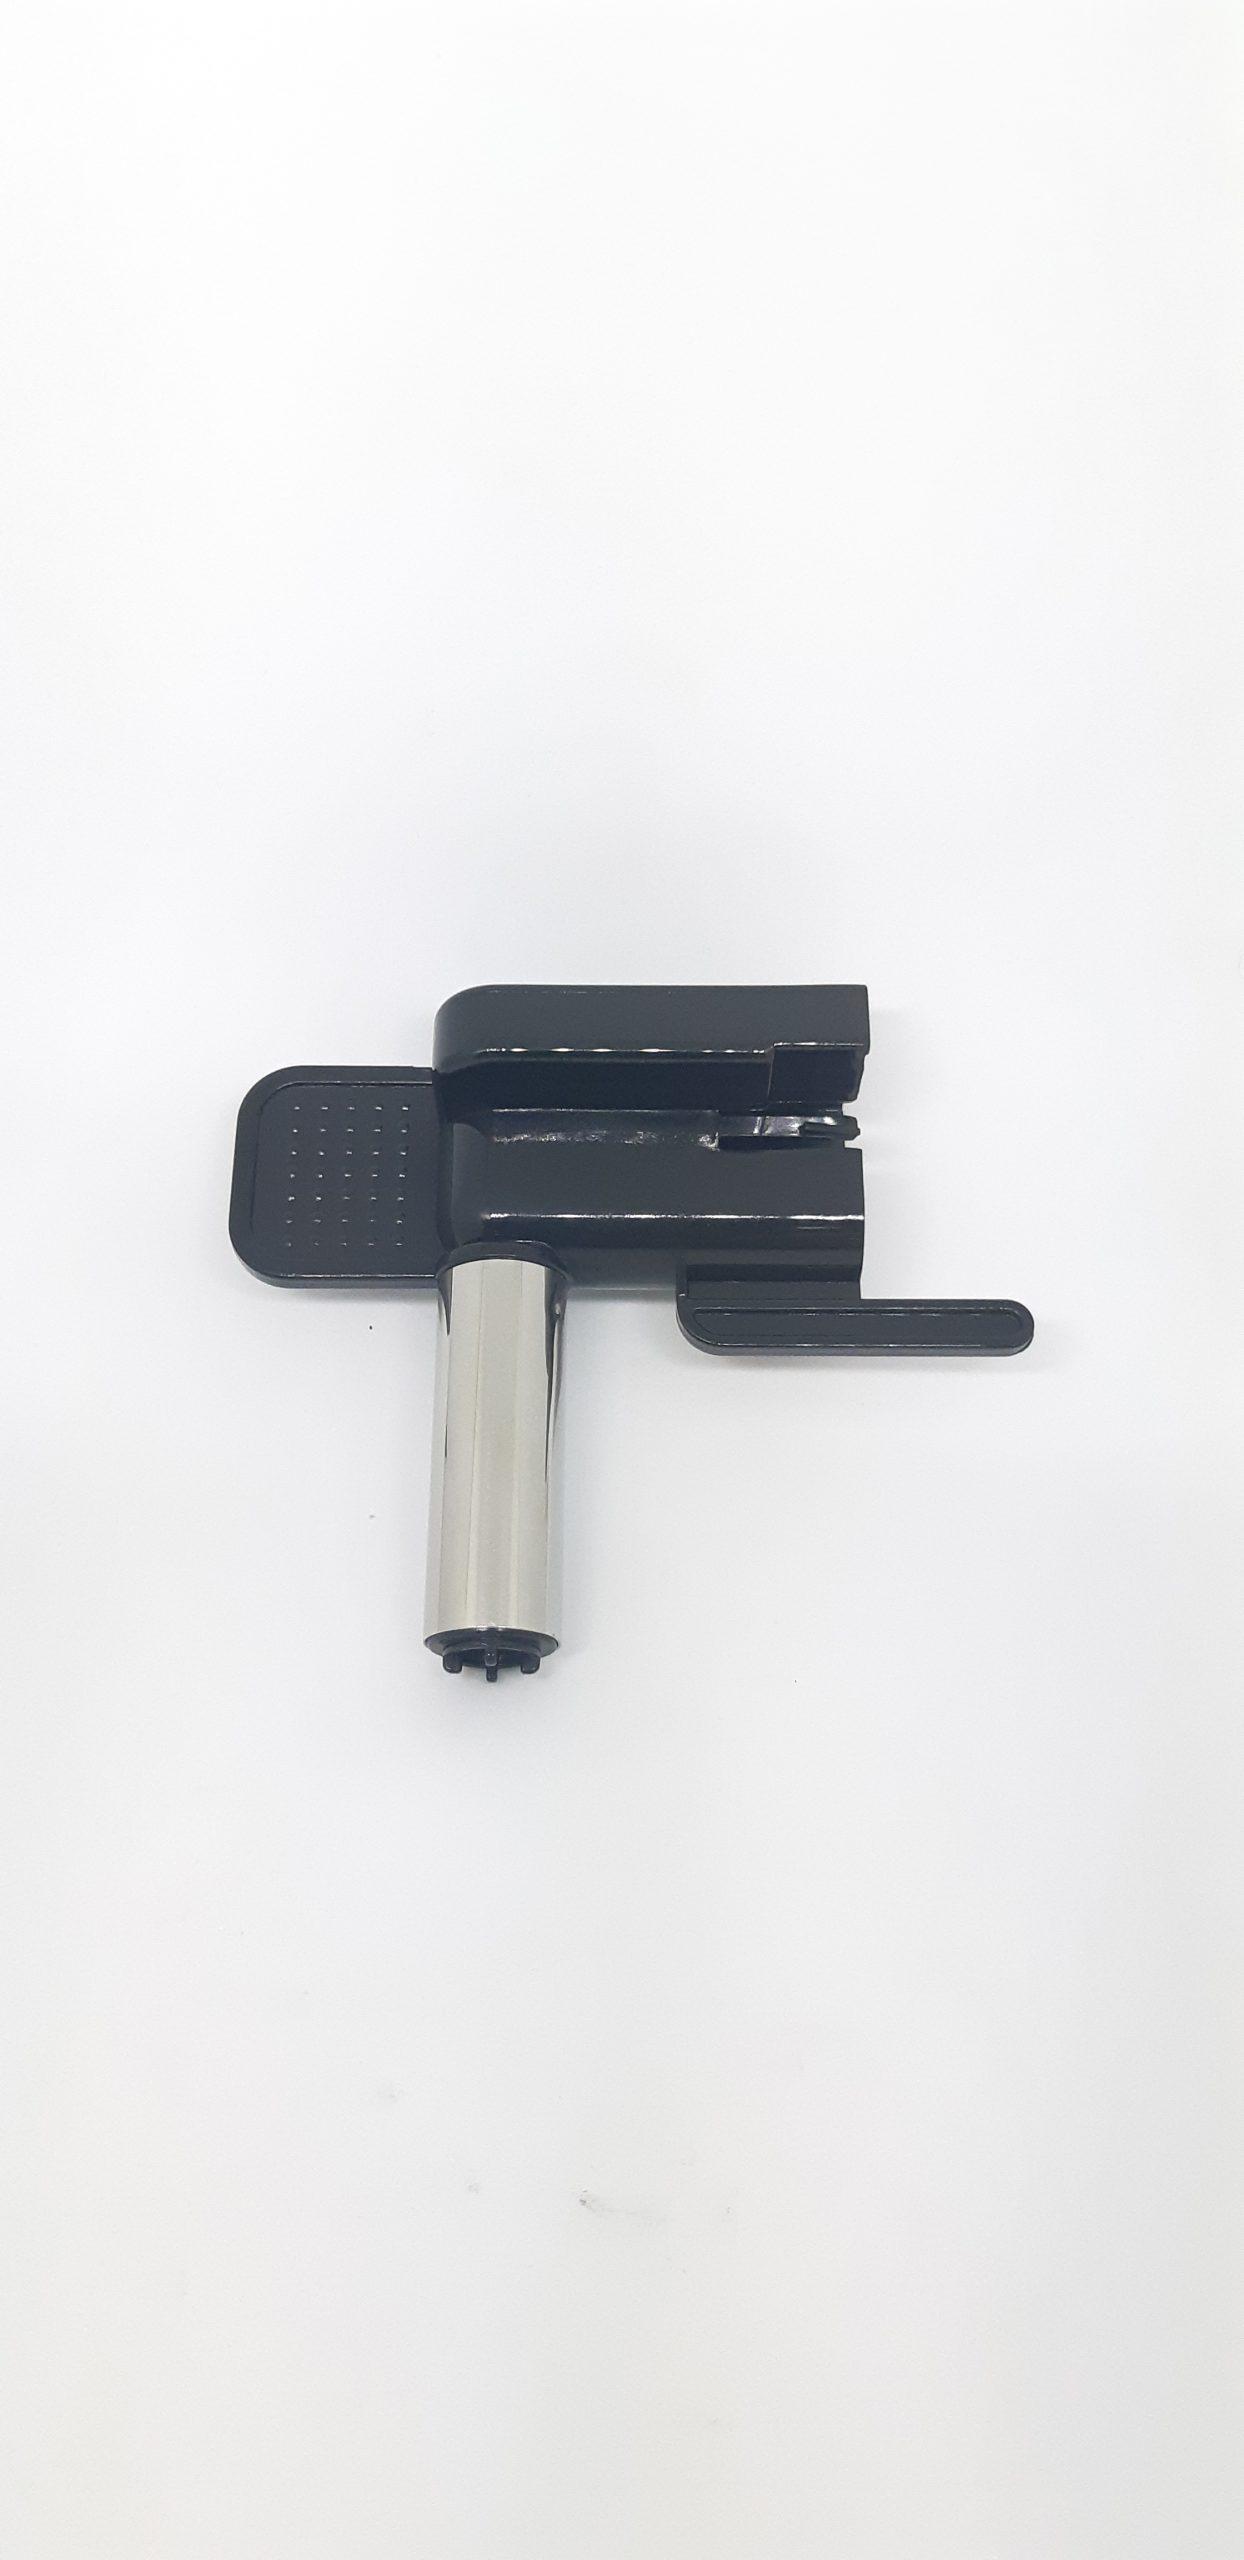 Чучур пипете за кана ESAM6600 - 55132128012